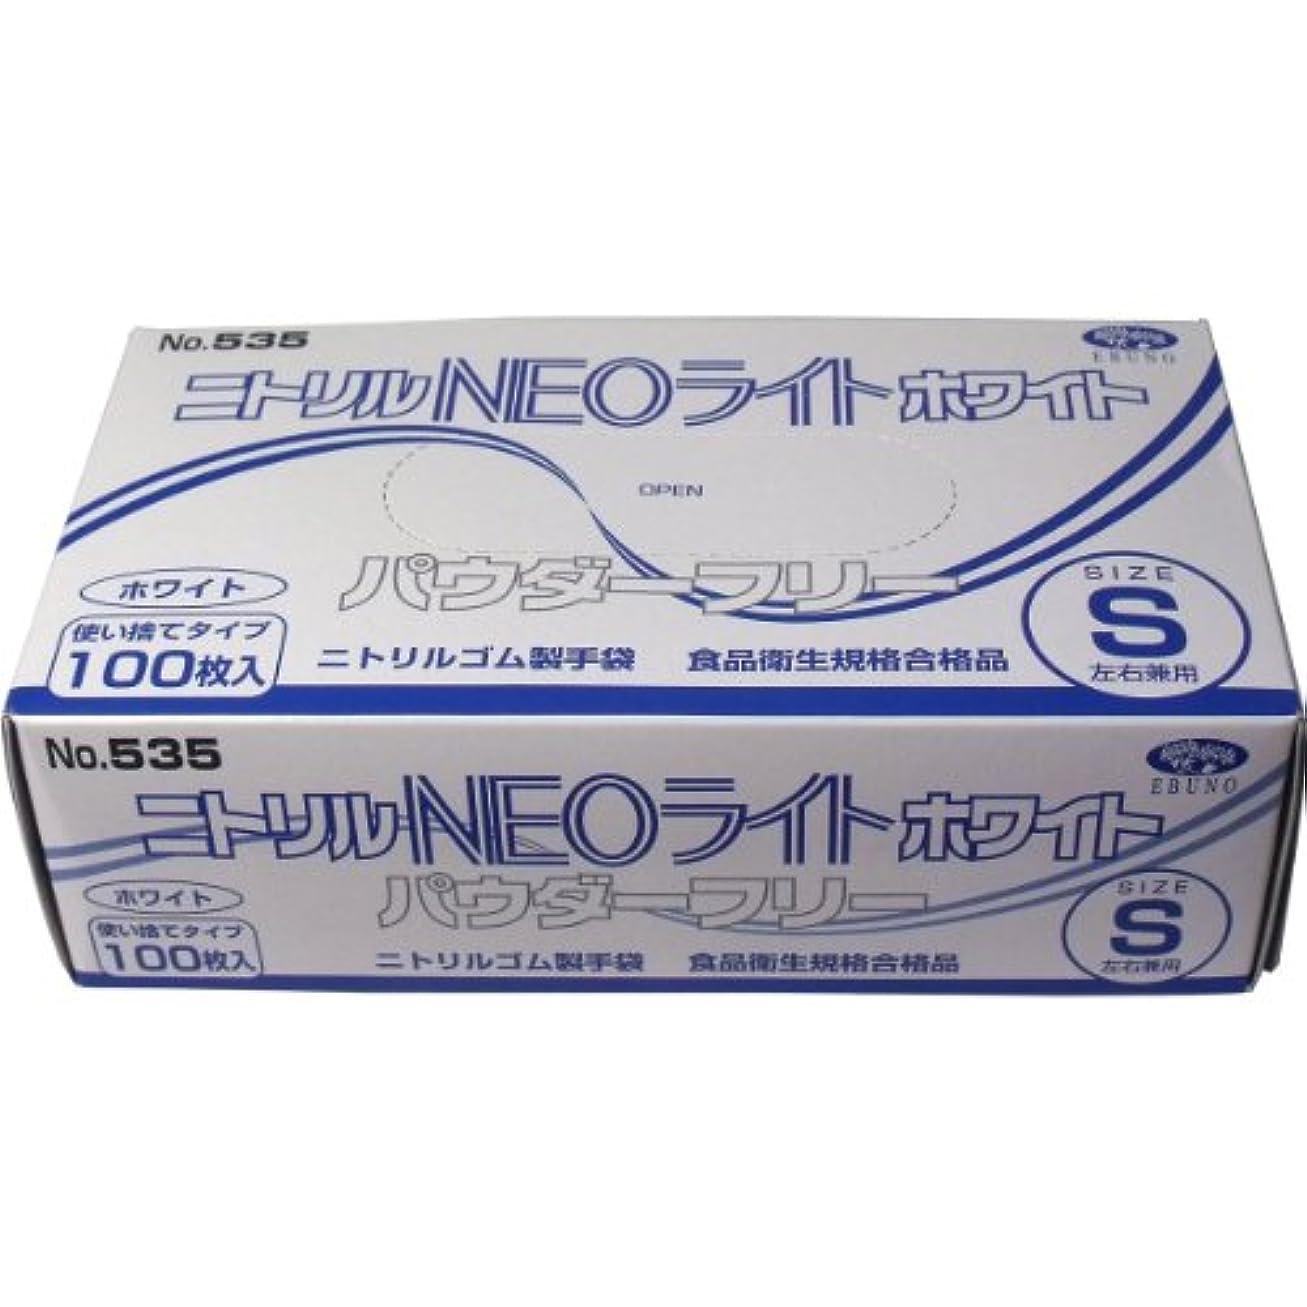 助言する放送フェードエブノ No.535 ニトリル手袋 ネオライト パウダーフリー ホワイト Sサイズ 100枚入